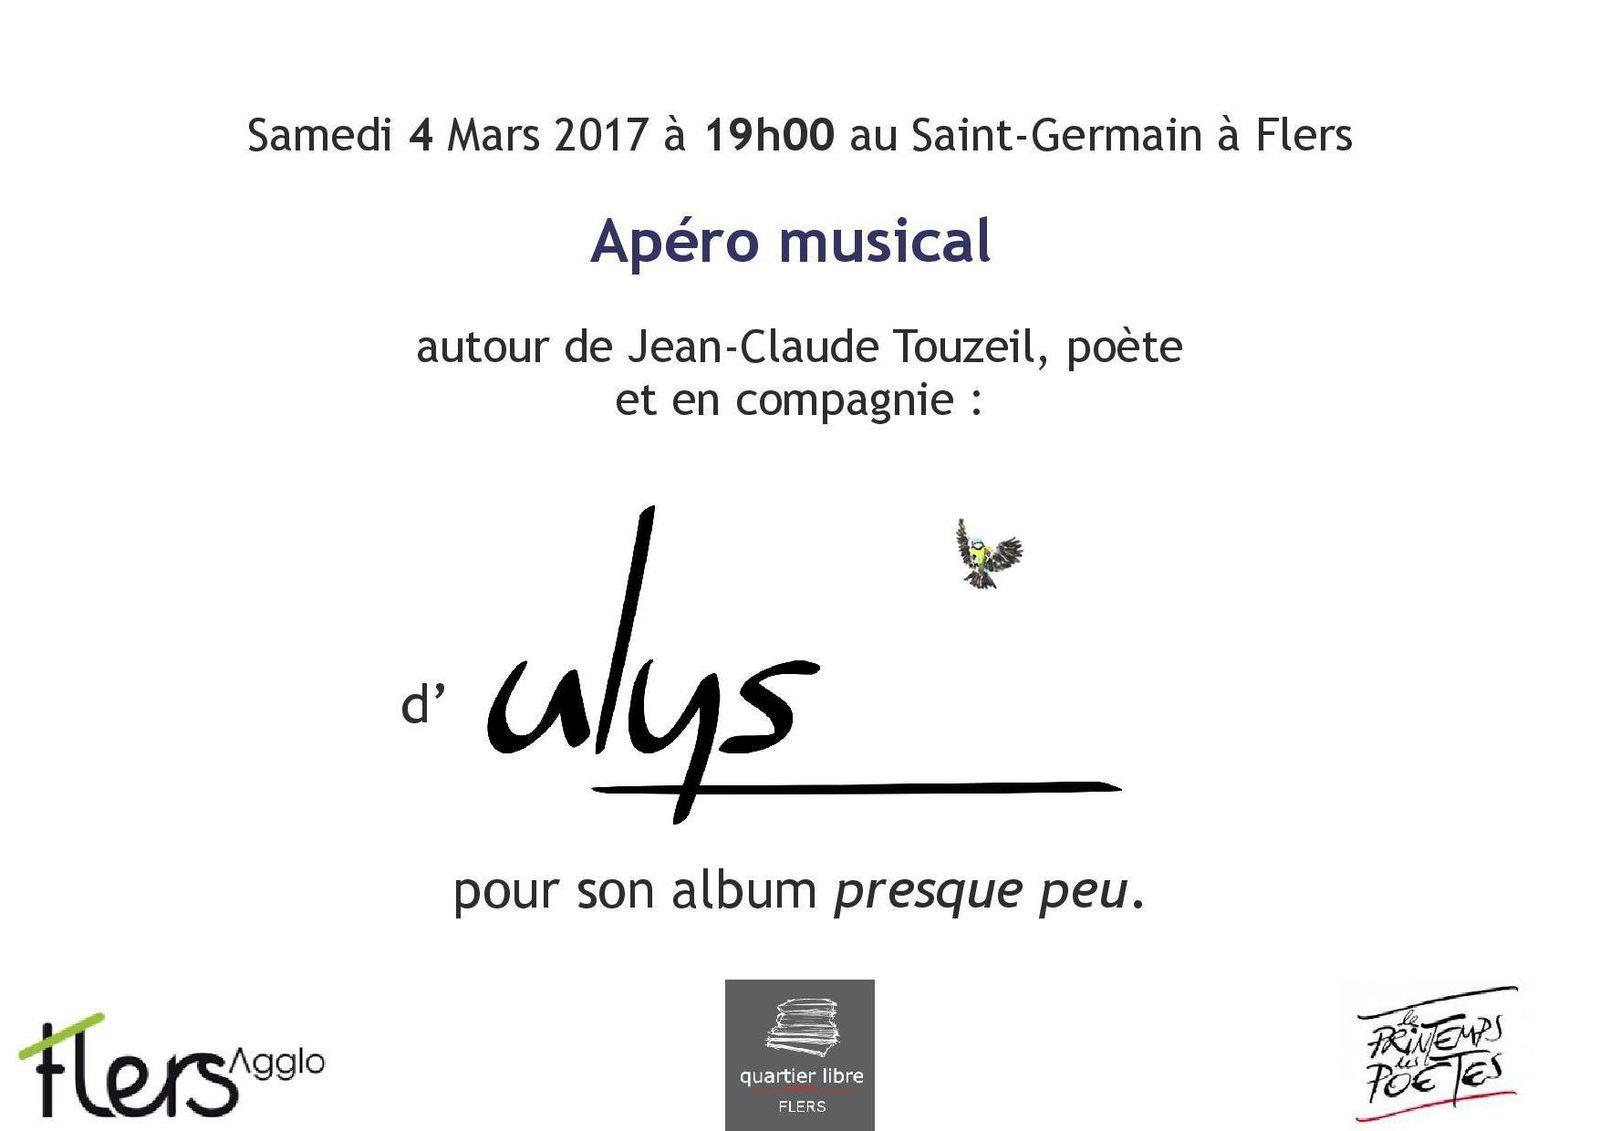 1/2- flers-agglo.fr / 3/4- quartier libre